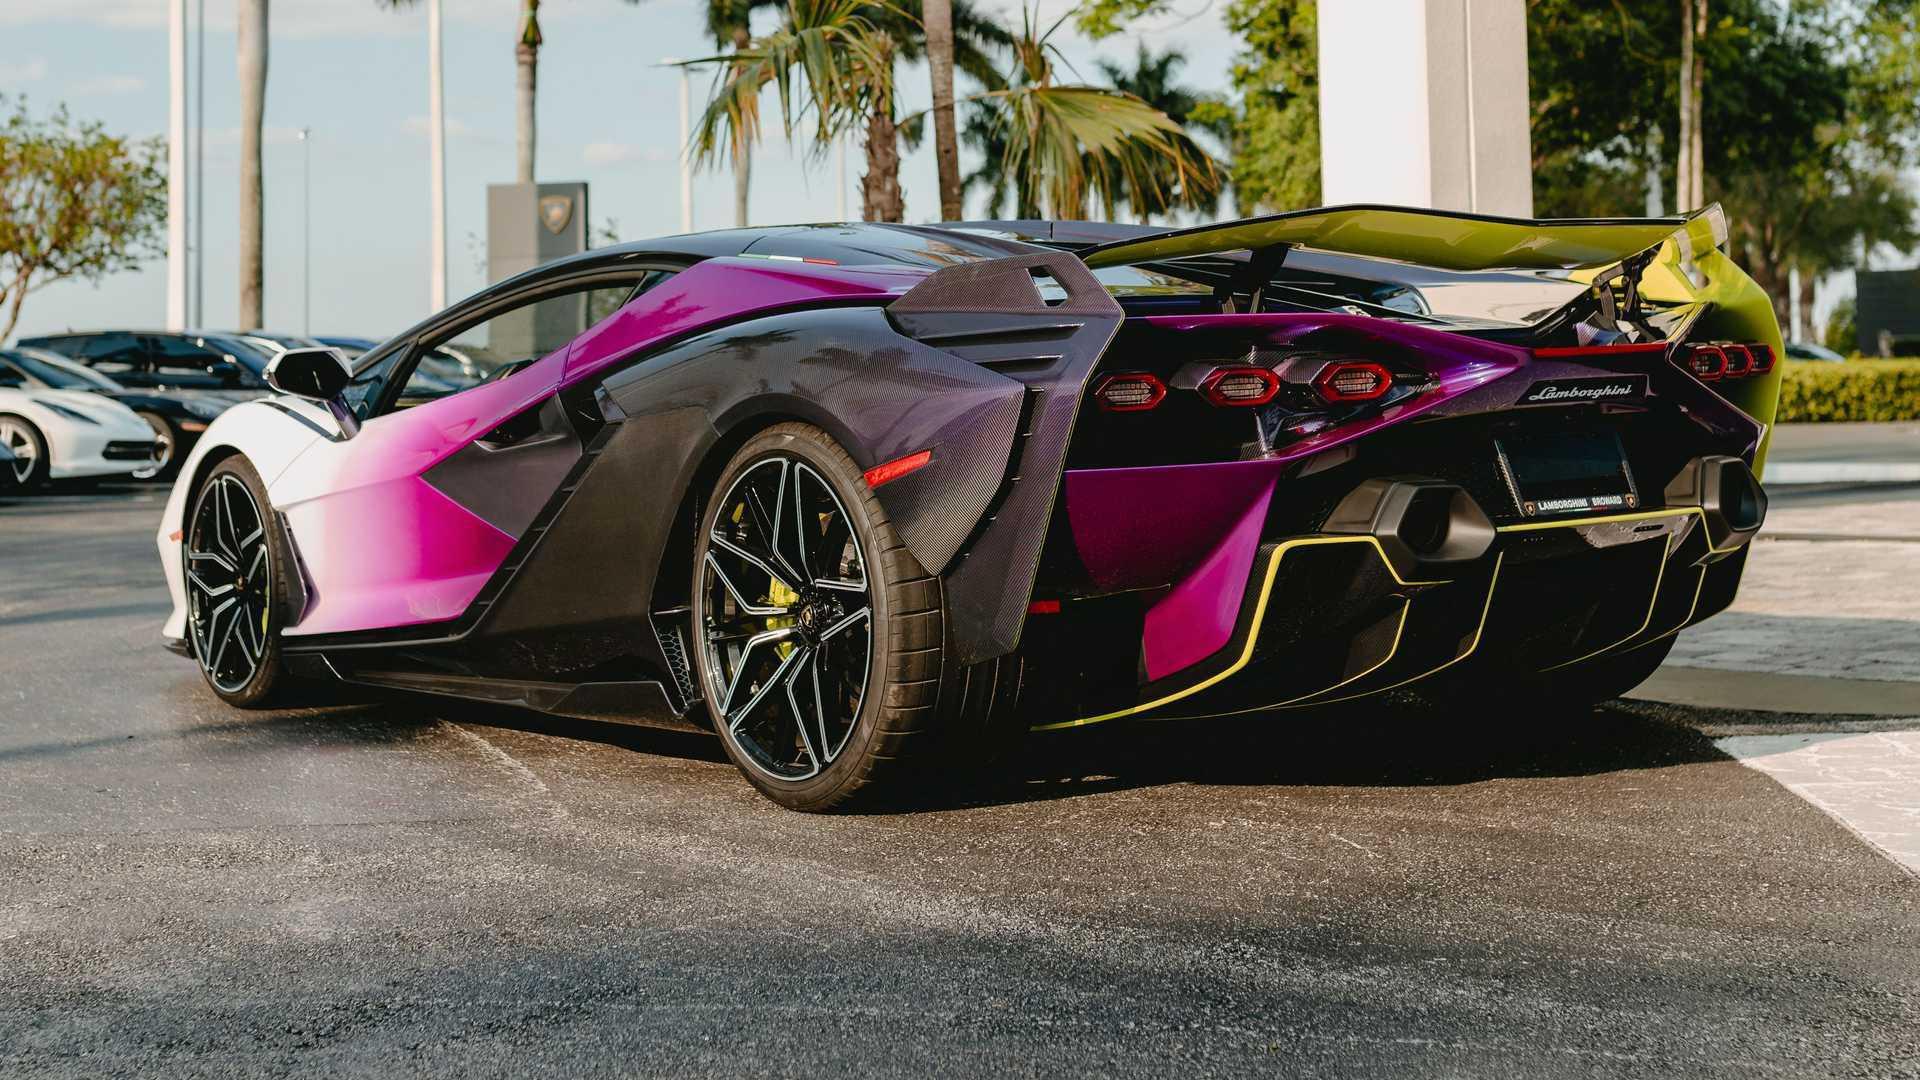 Lamborghini_Sian_Broward-0007